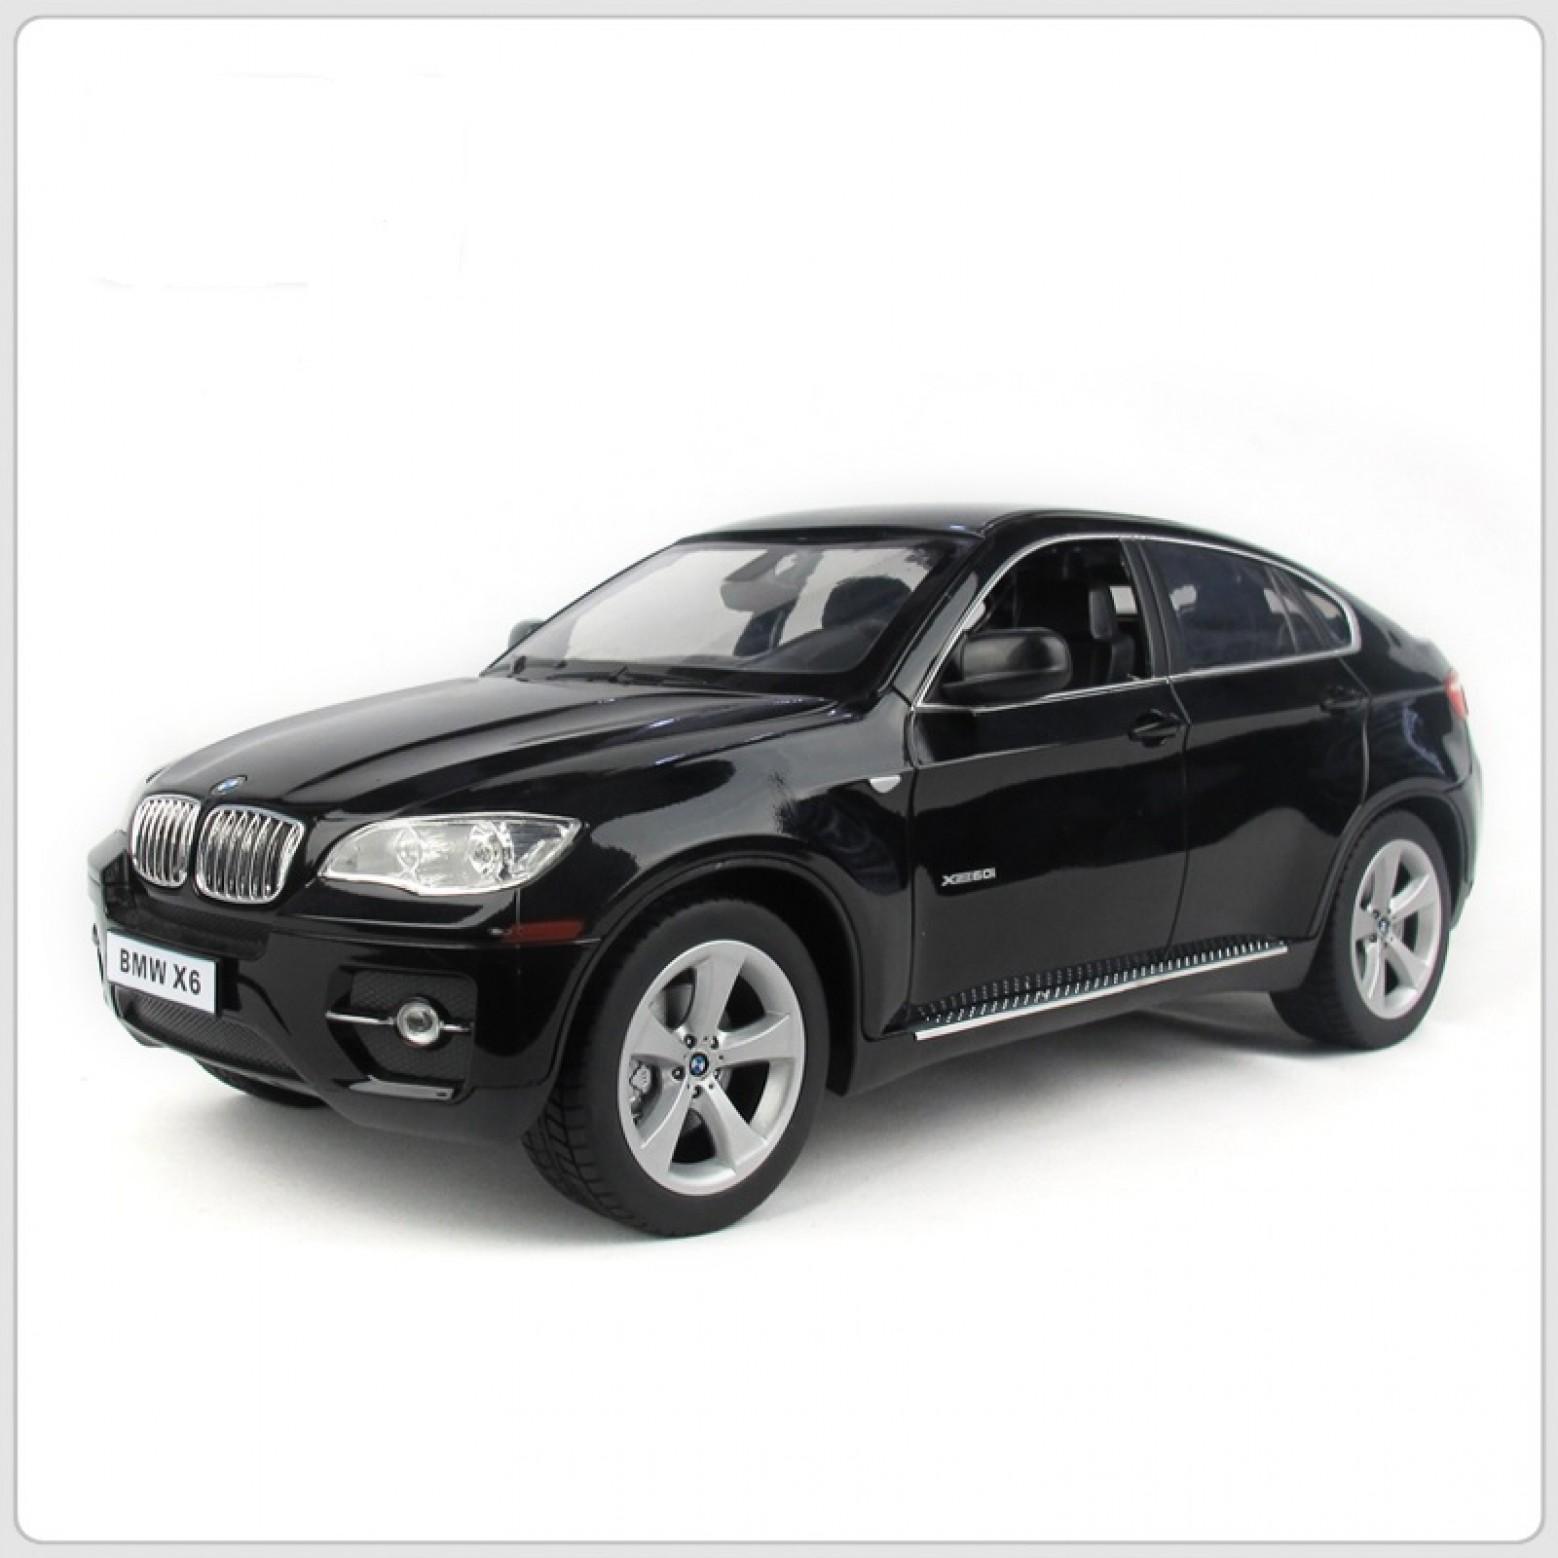 BMW X6 RC Auto 1:14 Zwart